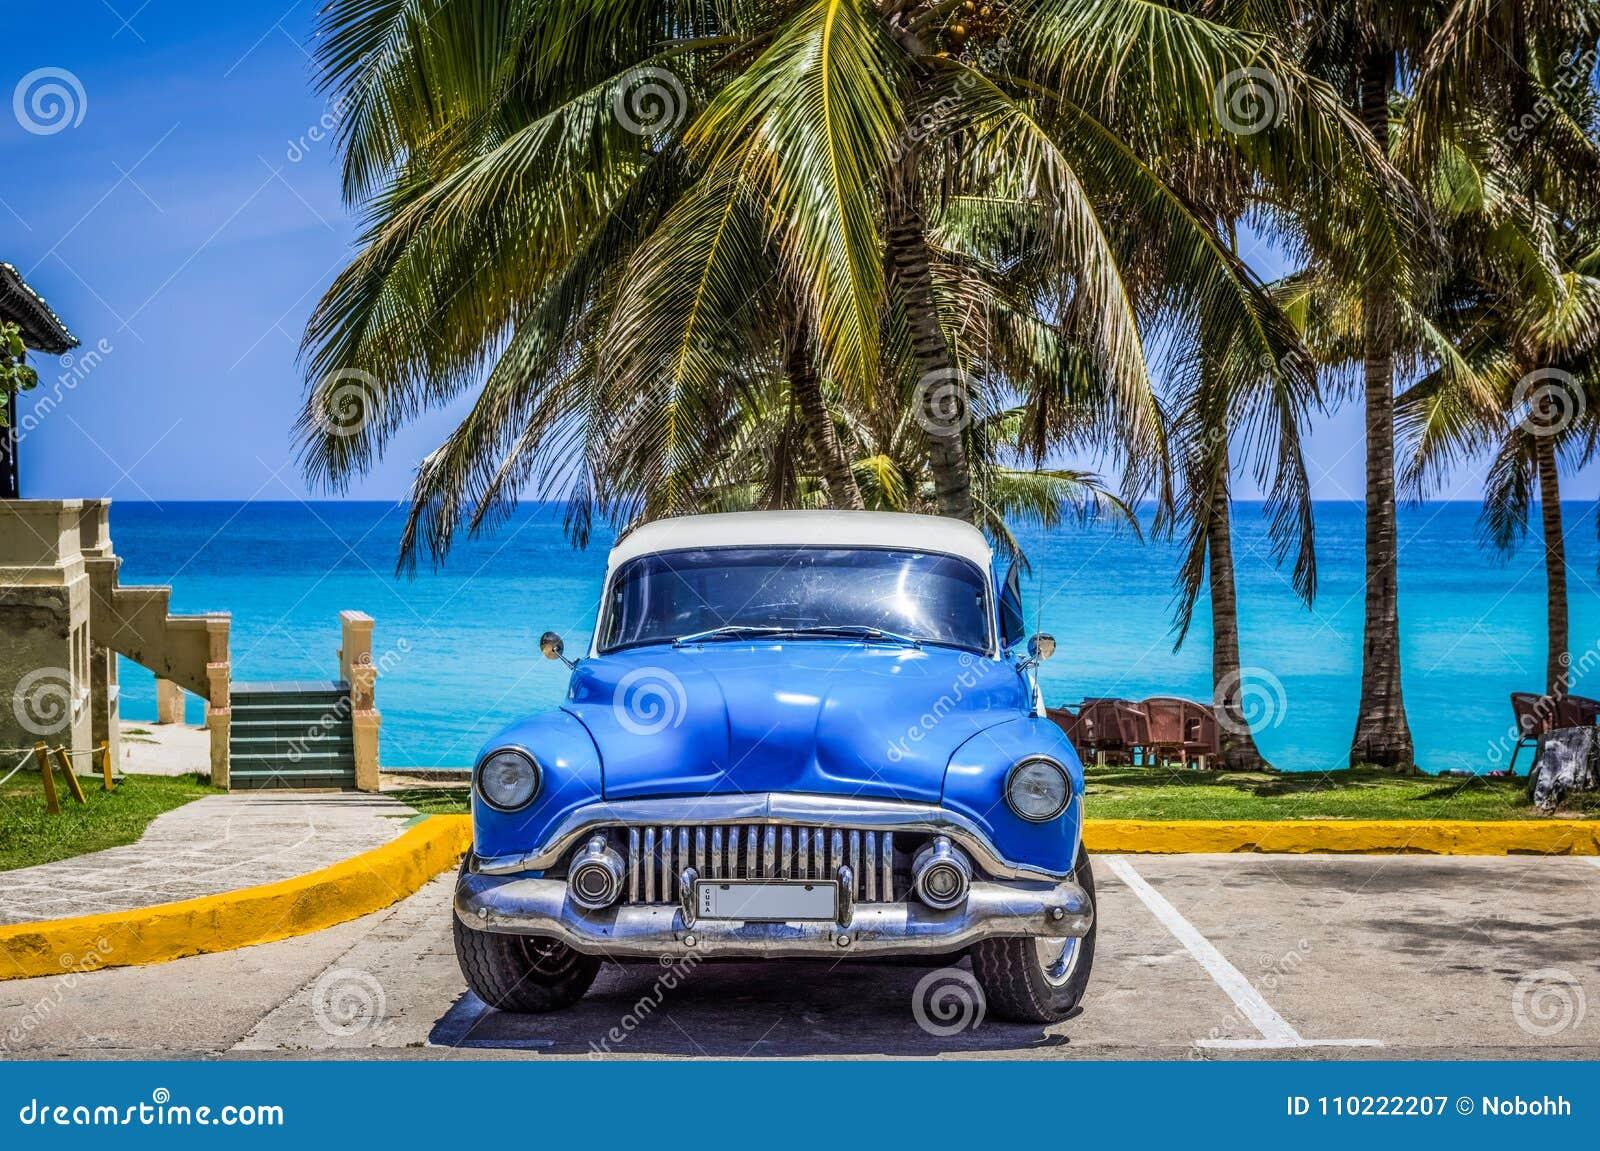 HDR - El coche clásico azul americano parqueó debajo de las palmas en la playa en Varadero Cuba - el reportaje de Serie Cuba